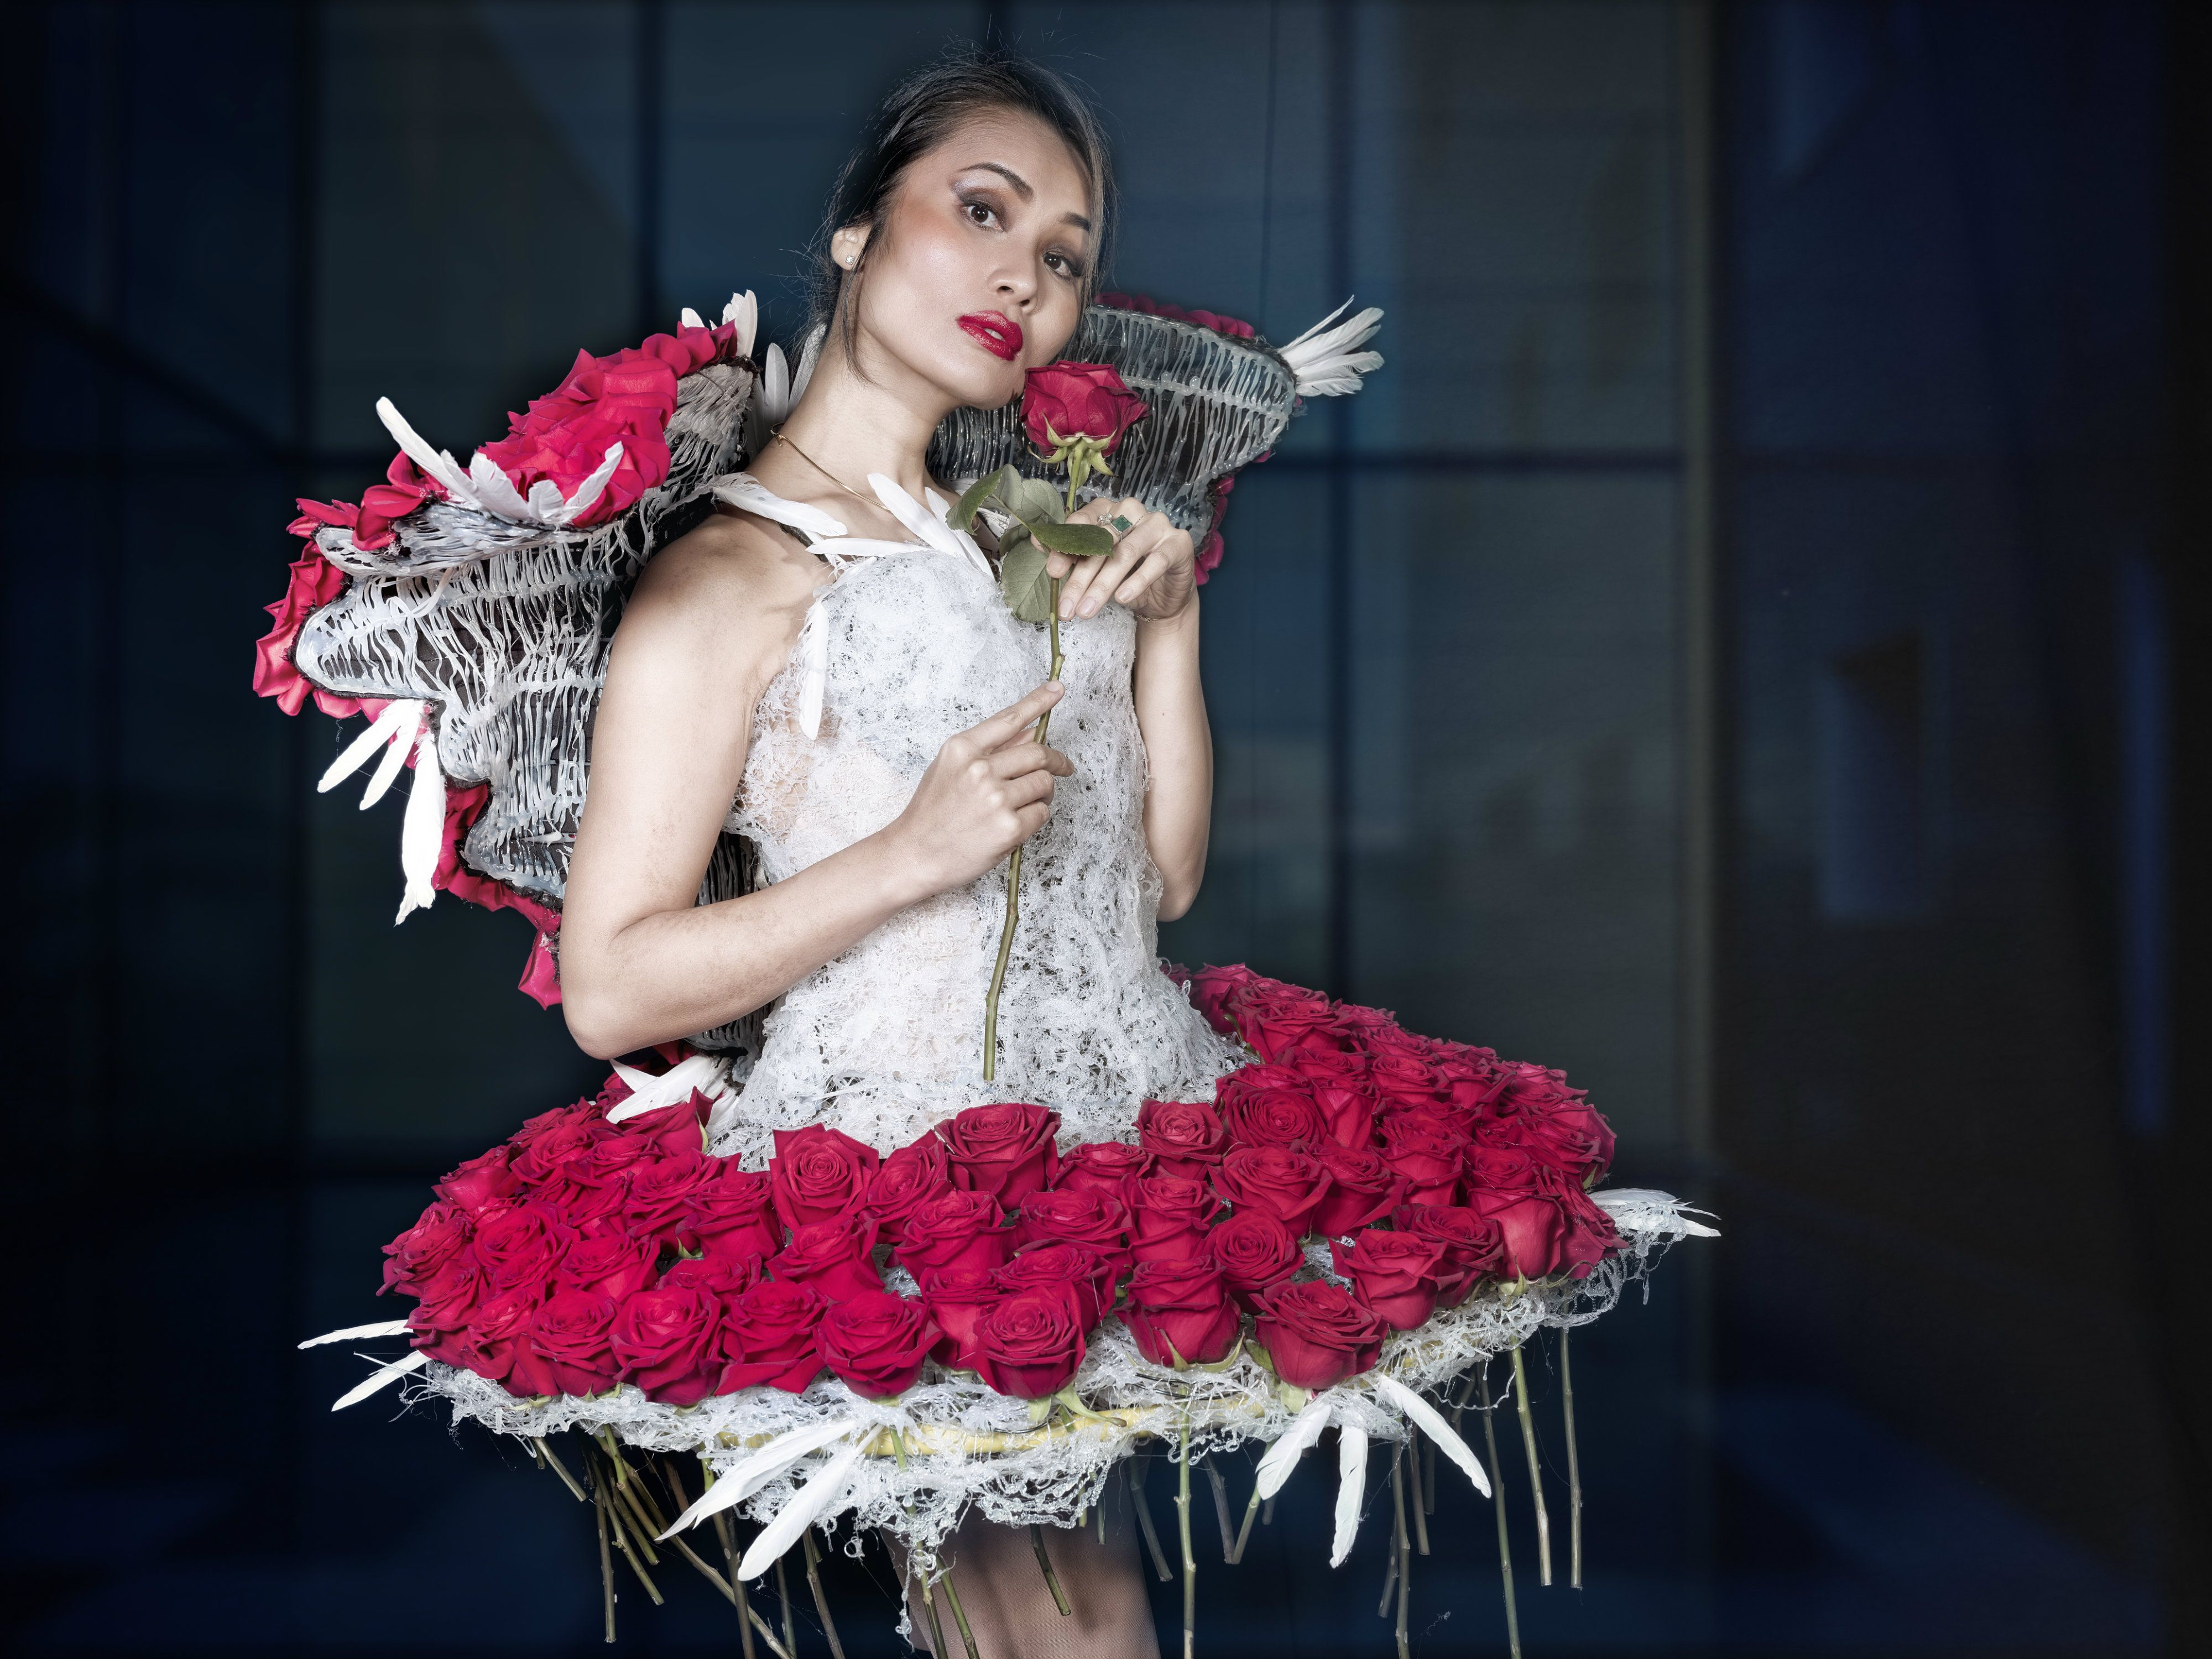 porta nova rose cyrille ribet florever red naomi